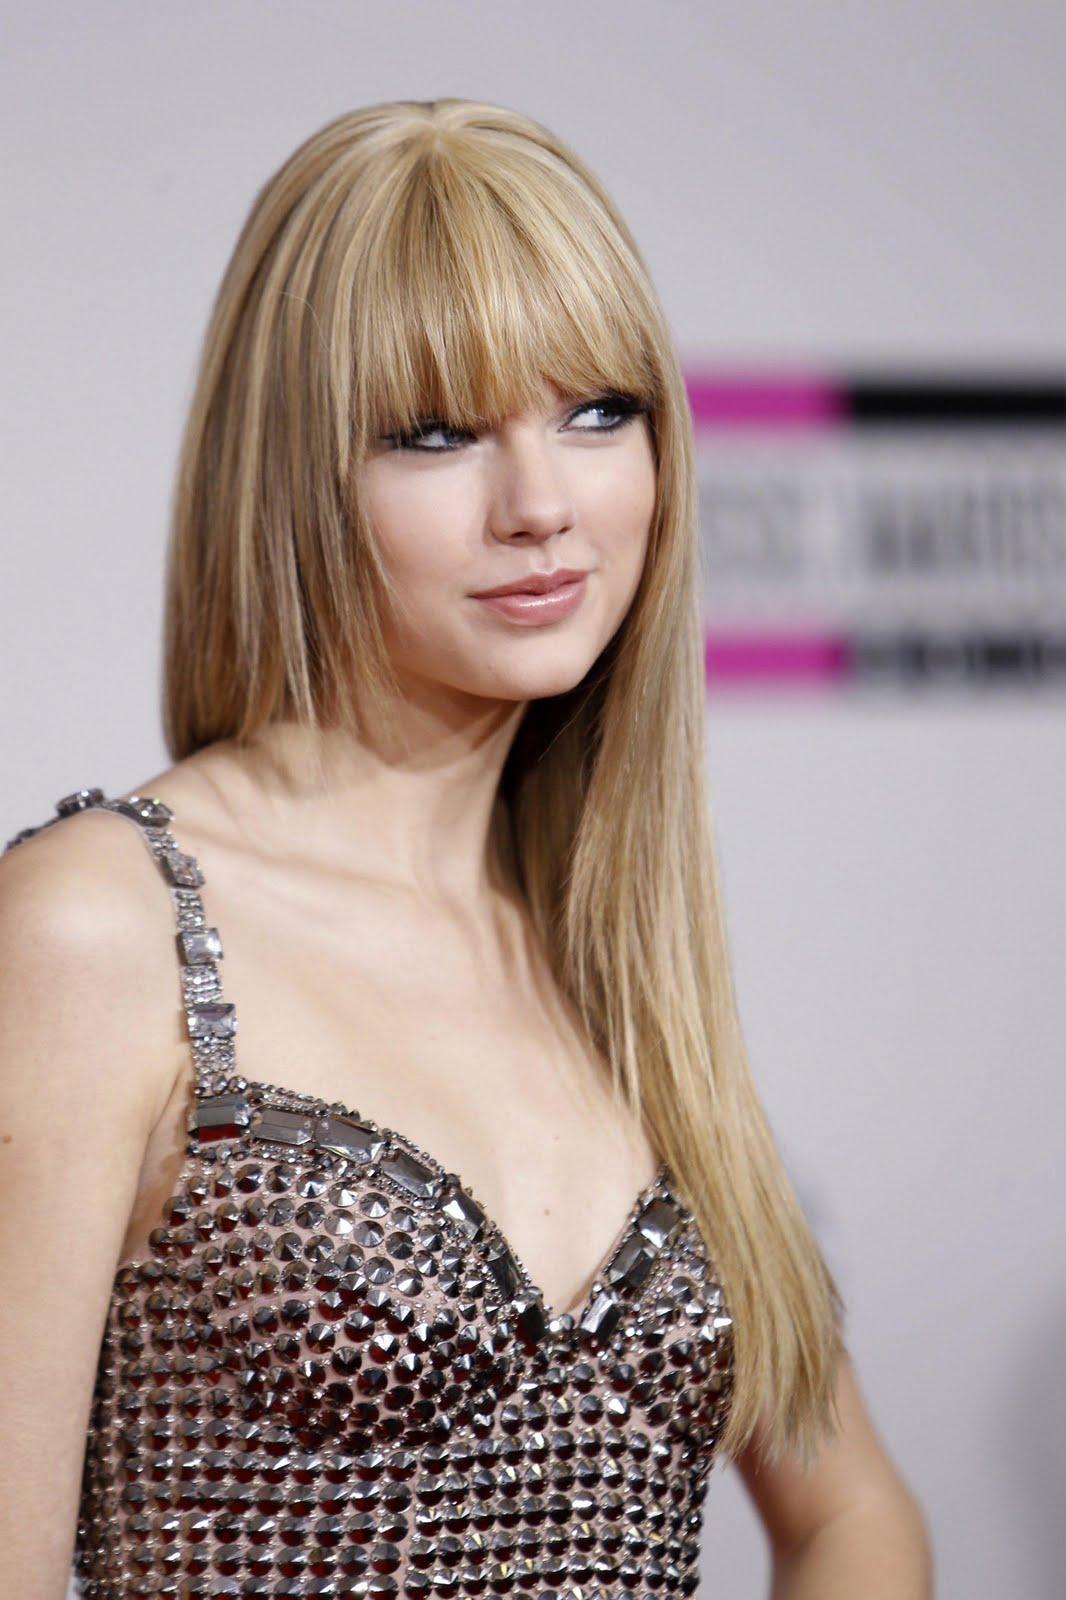 http://4.bp.blogspot.com/-9xnFjnmqFrc/TelZkVLOGTI/AAAAAAAAALA/0rschHoZFuw/s1600/Taylor+Swift+%252848%2529.jpg